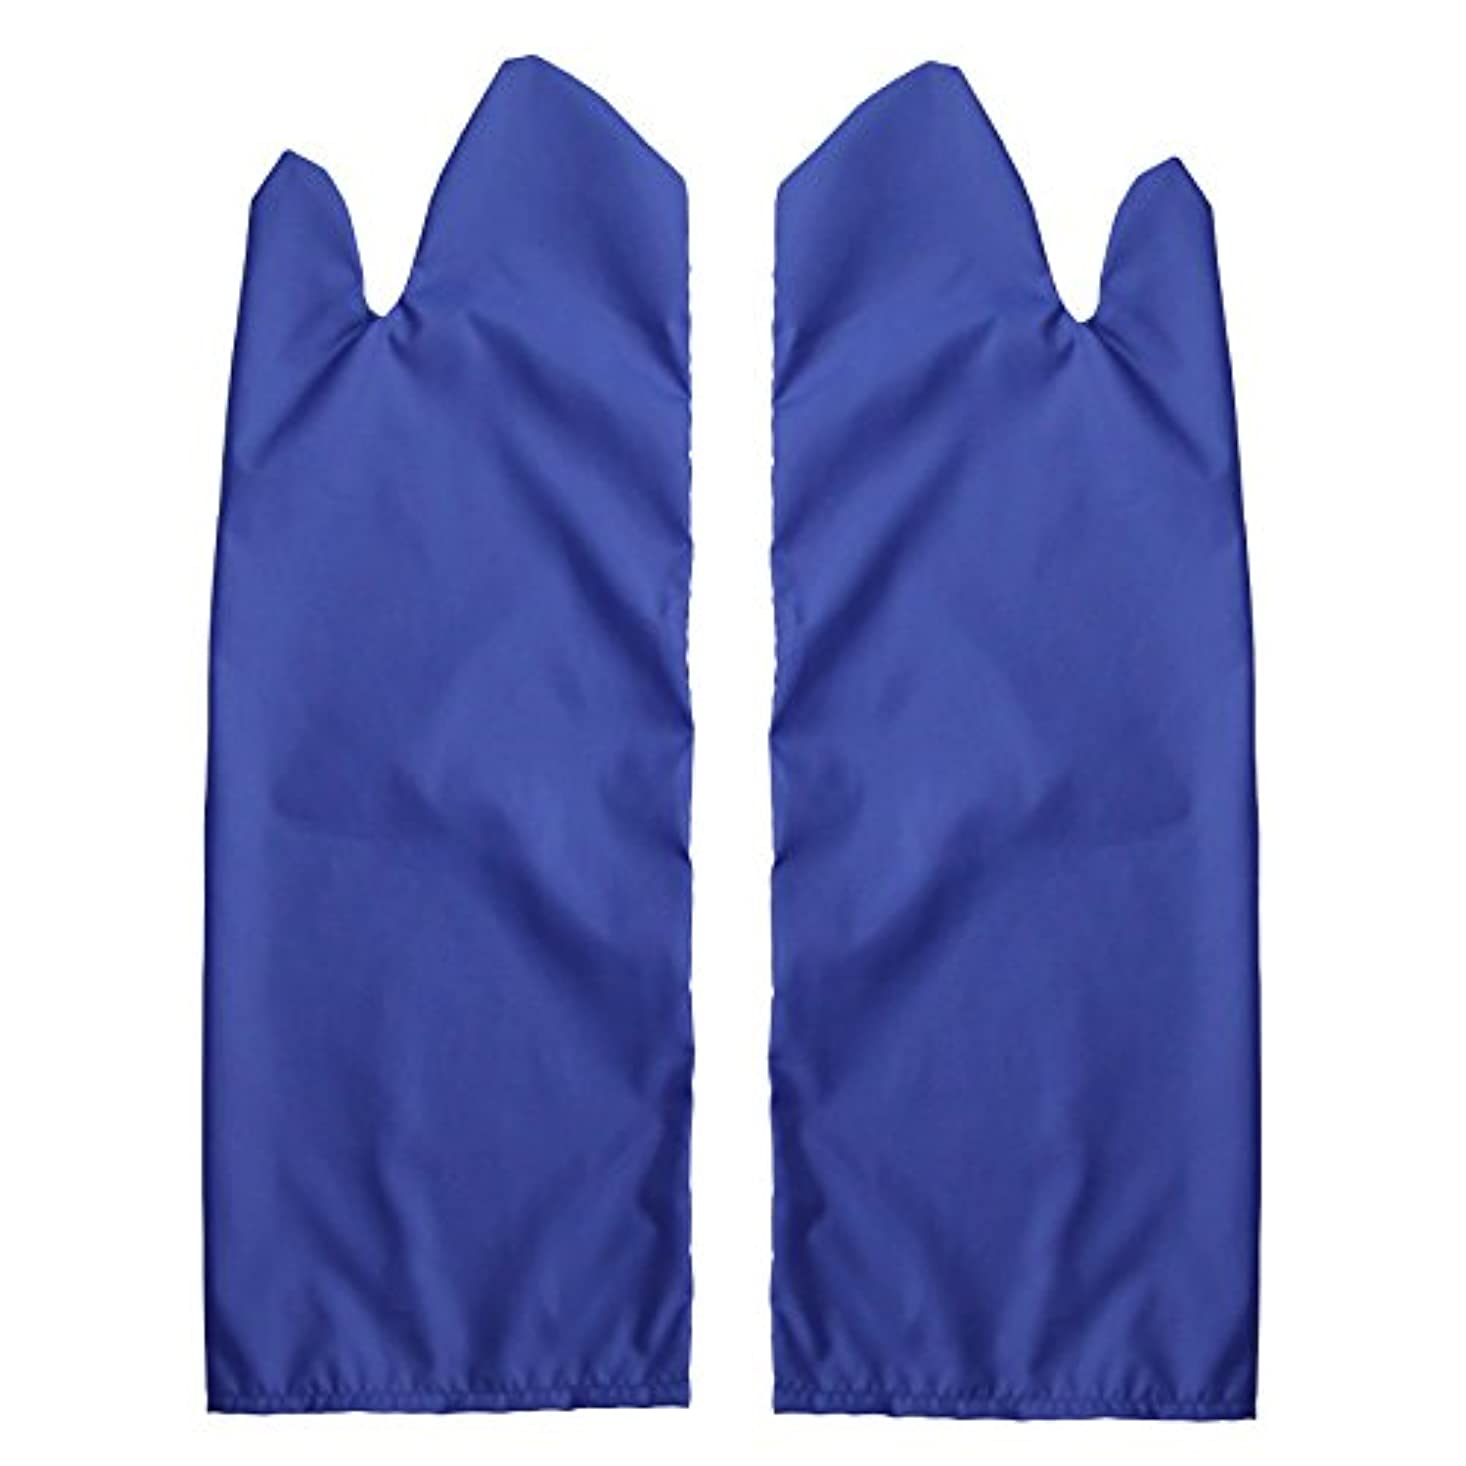 症候群ポゴスティックジャンプ無人体位変換用スライディンググローブ 撥水(ブルー) S /7-3681-02